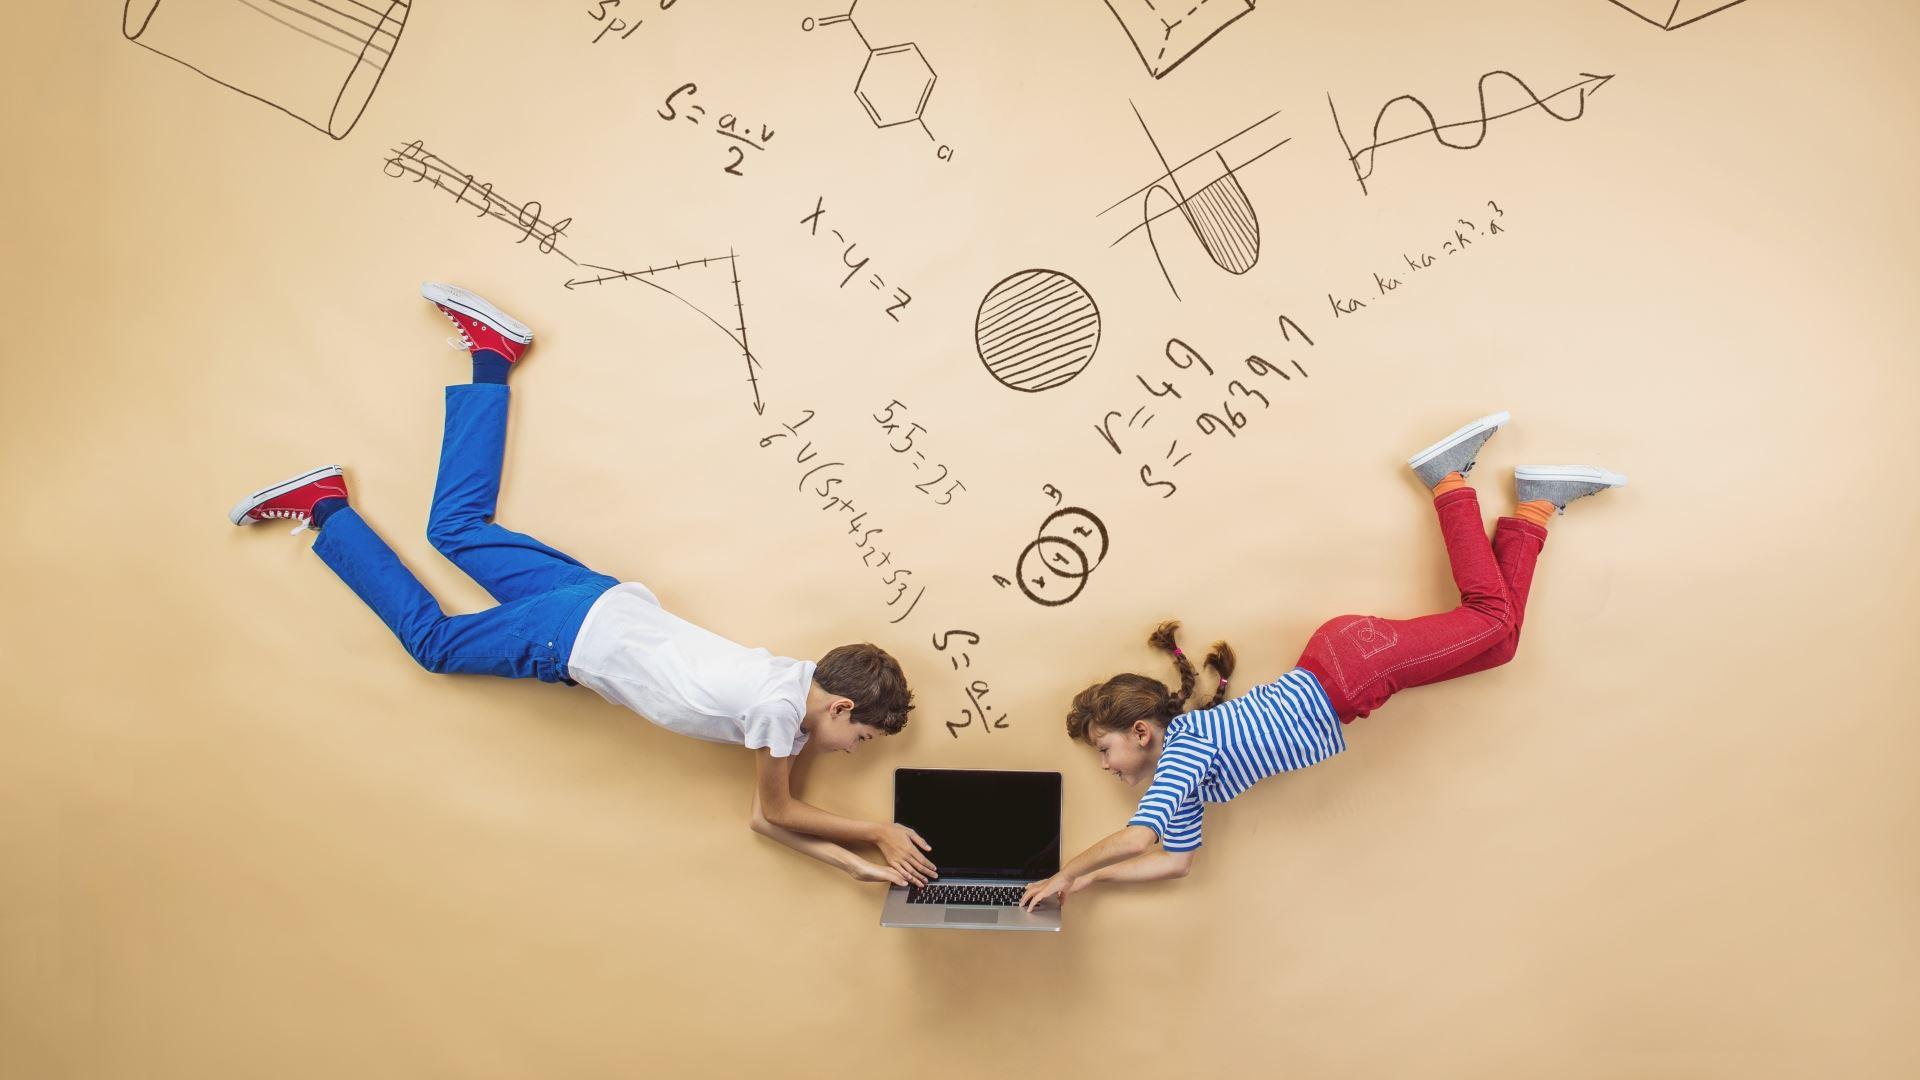 lélek magyar oktatás matek matektanulás rólunk szól